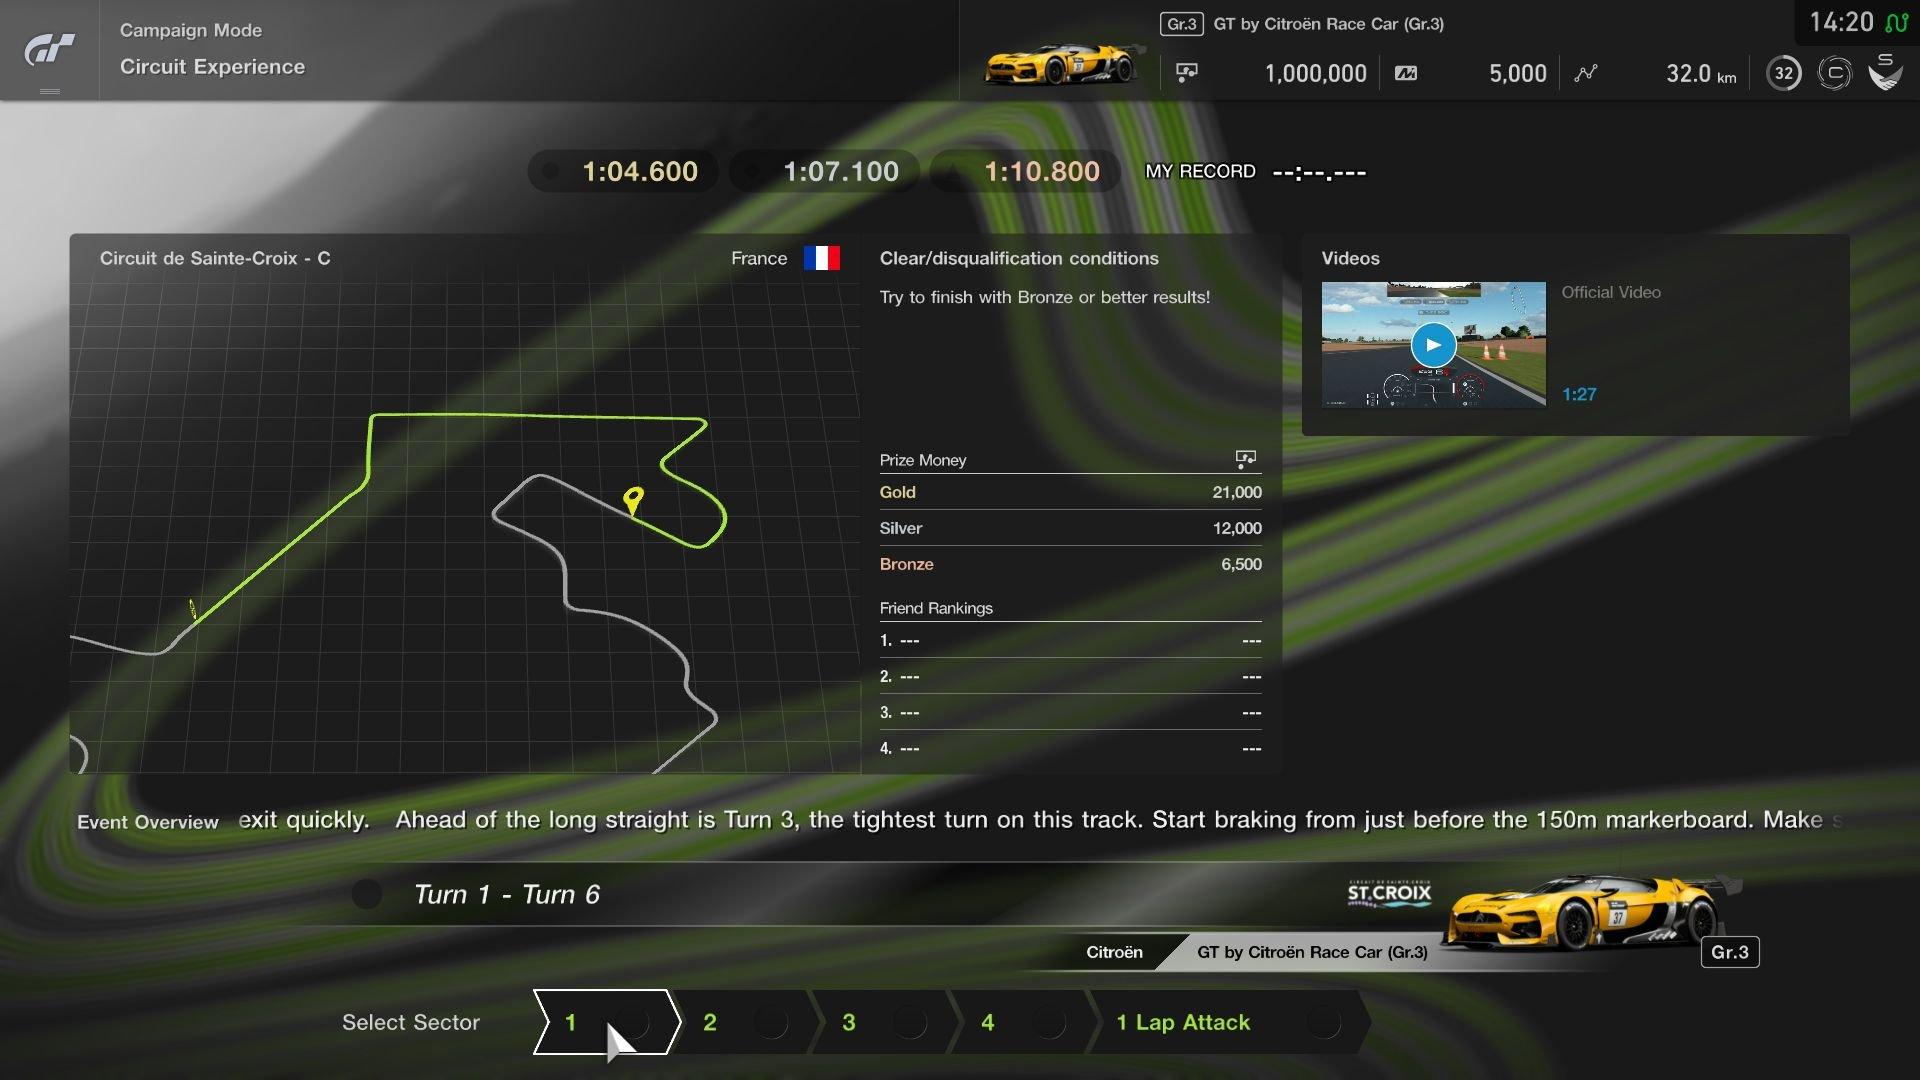 Gran Turismo Sport August Update Circuit Experience Circuit de Sainte-Croix C